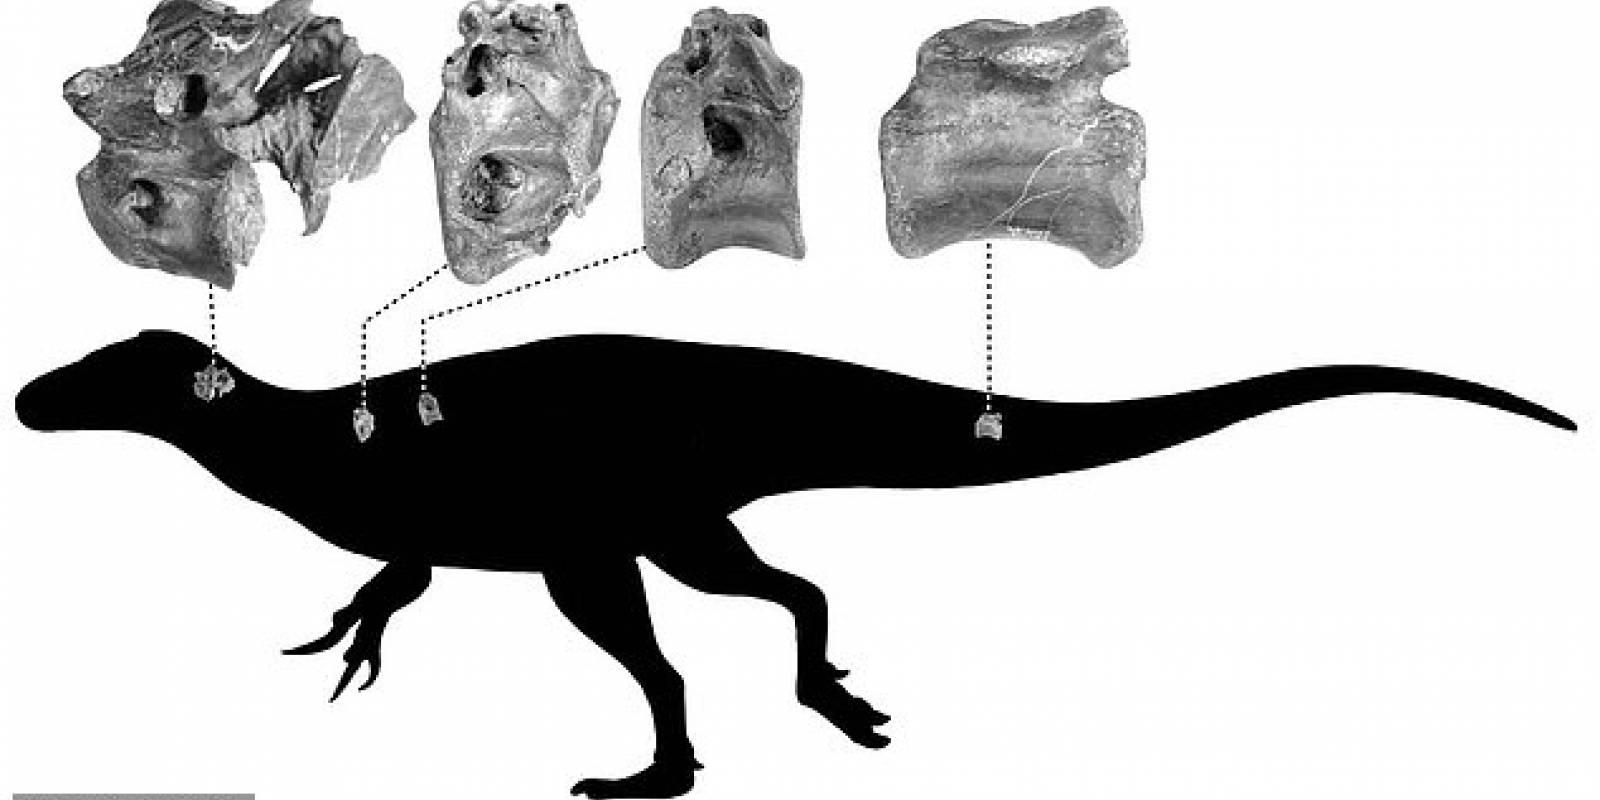 Paleontologos Britanicos Encontraron Huesos De Un Dinosaurio Pariente Del Tiranosaurio Rex El descubridor donó los fósiles hallados al museo de los dinosaurios de salas de los infantes, que en la comarca burgalesa se han documentado 180 yacimientos, con restos de huesos fósiles e. un dinosaurio pariente del tiranosaurio rex